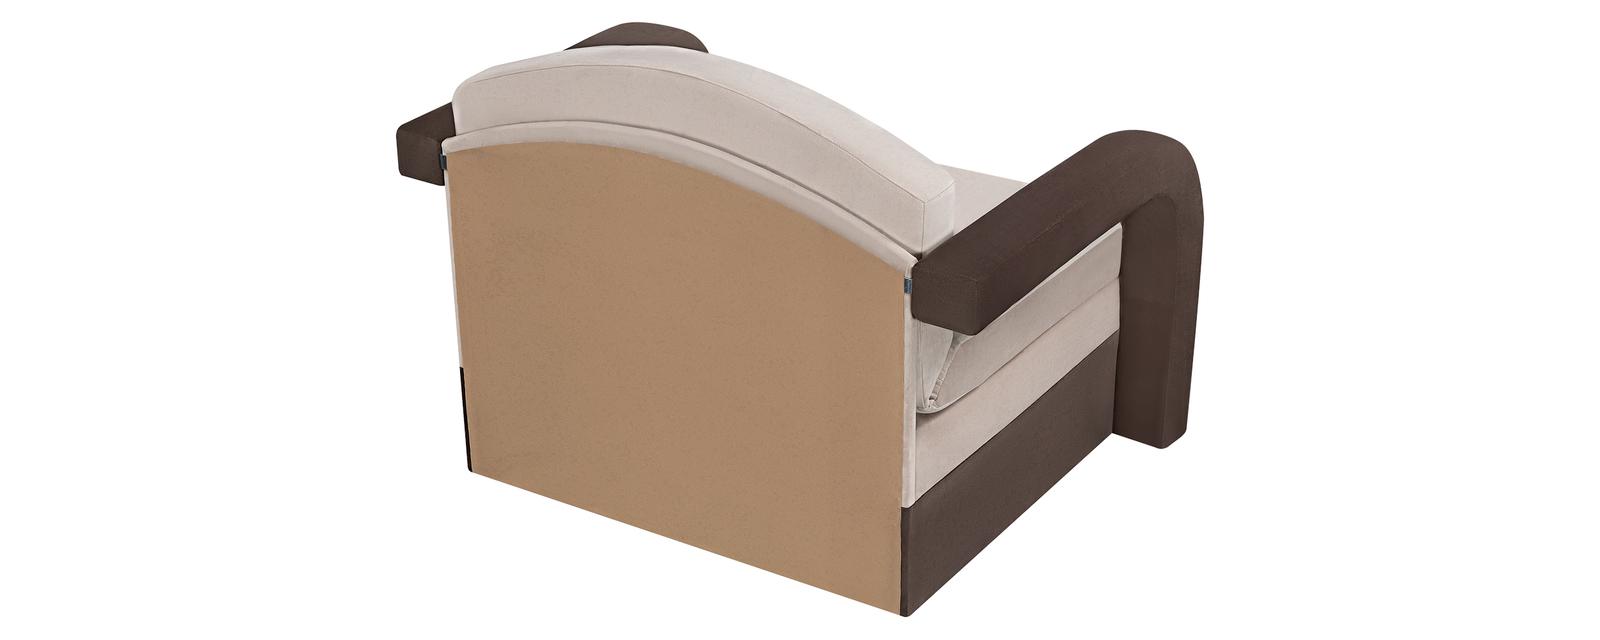 Кресло тканевое Эдем Velure бежевый/коричневый (Велюр)